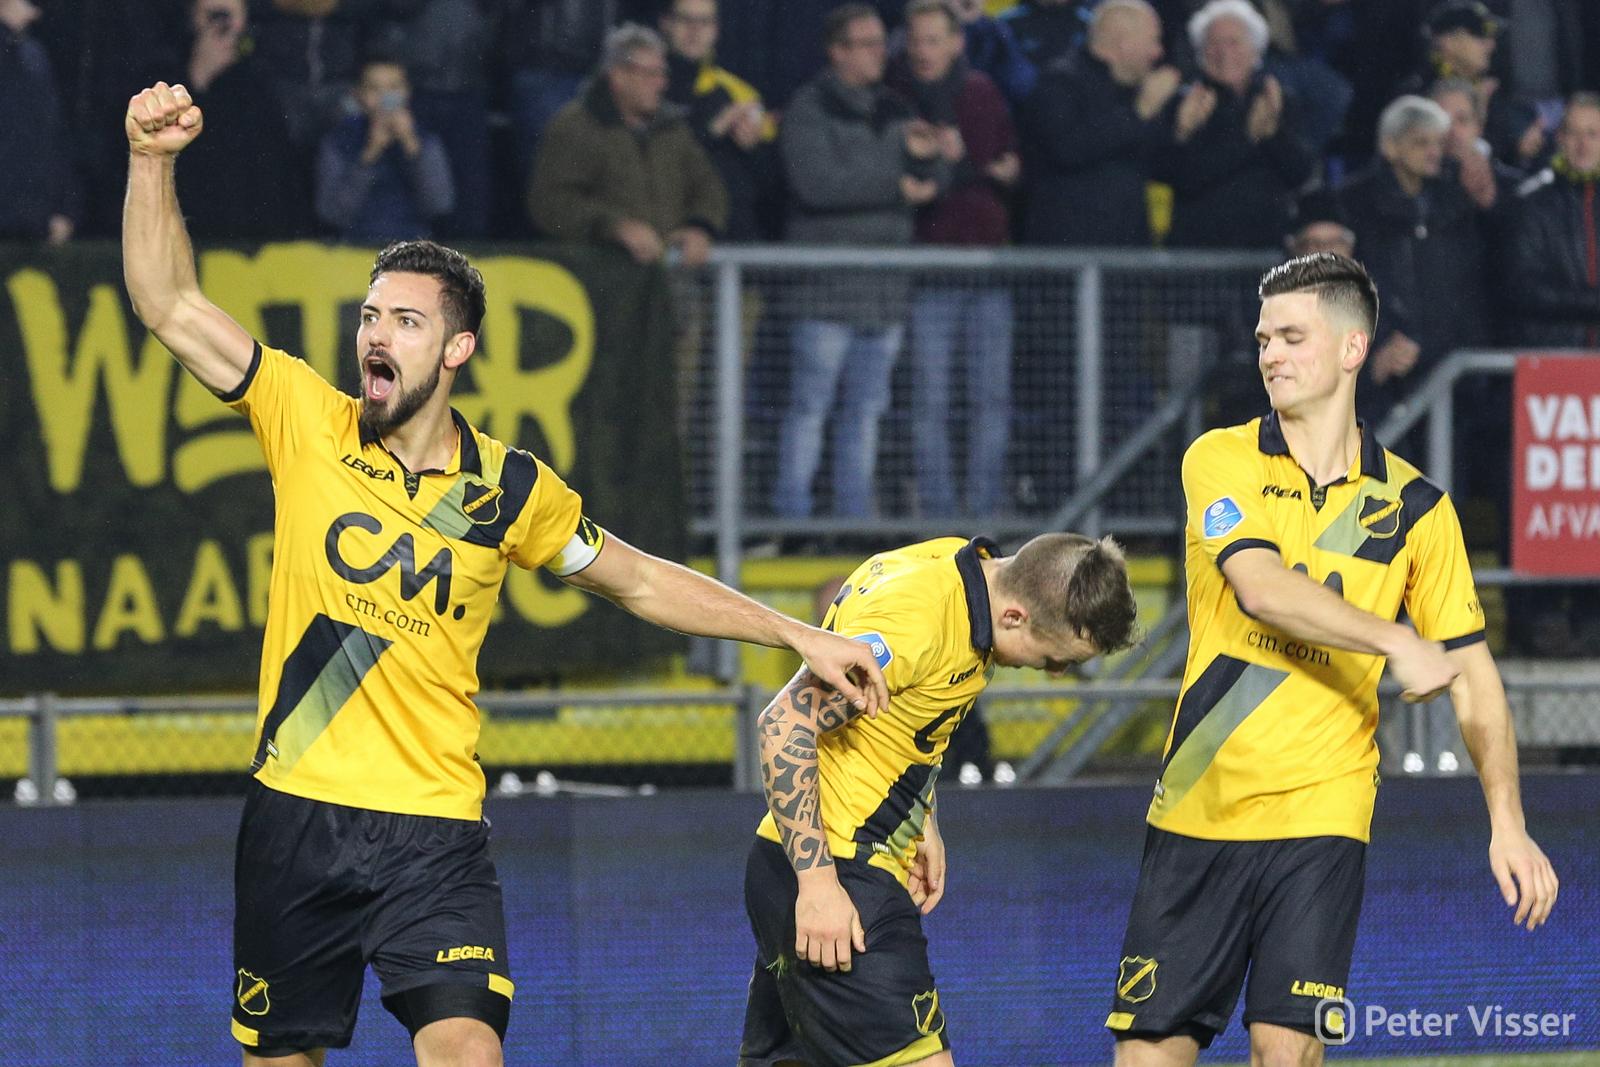 NAC heeft de laatste thuiswedstrijd voor de winterstop met 3-1 gewonnen van FC Utrecht.